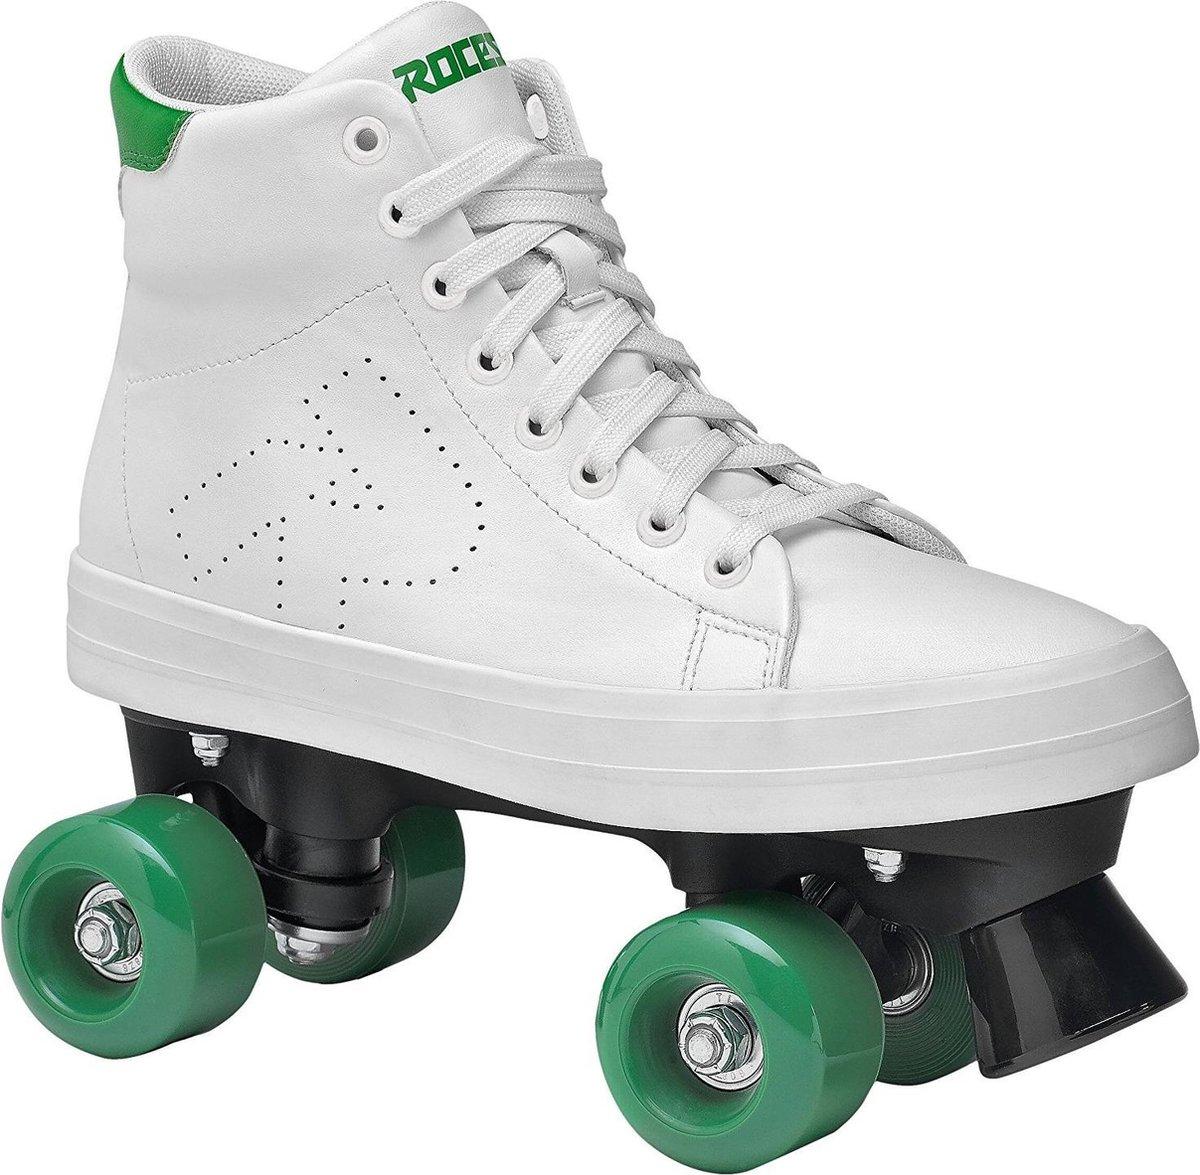 Roces Ace Rolschaatsen Junior Wit/groen Maat 35